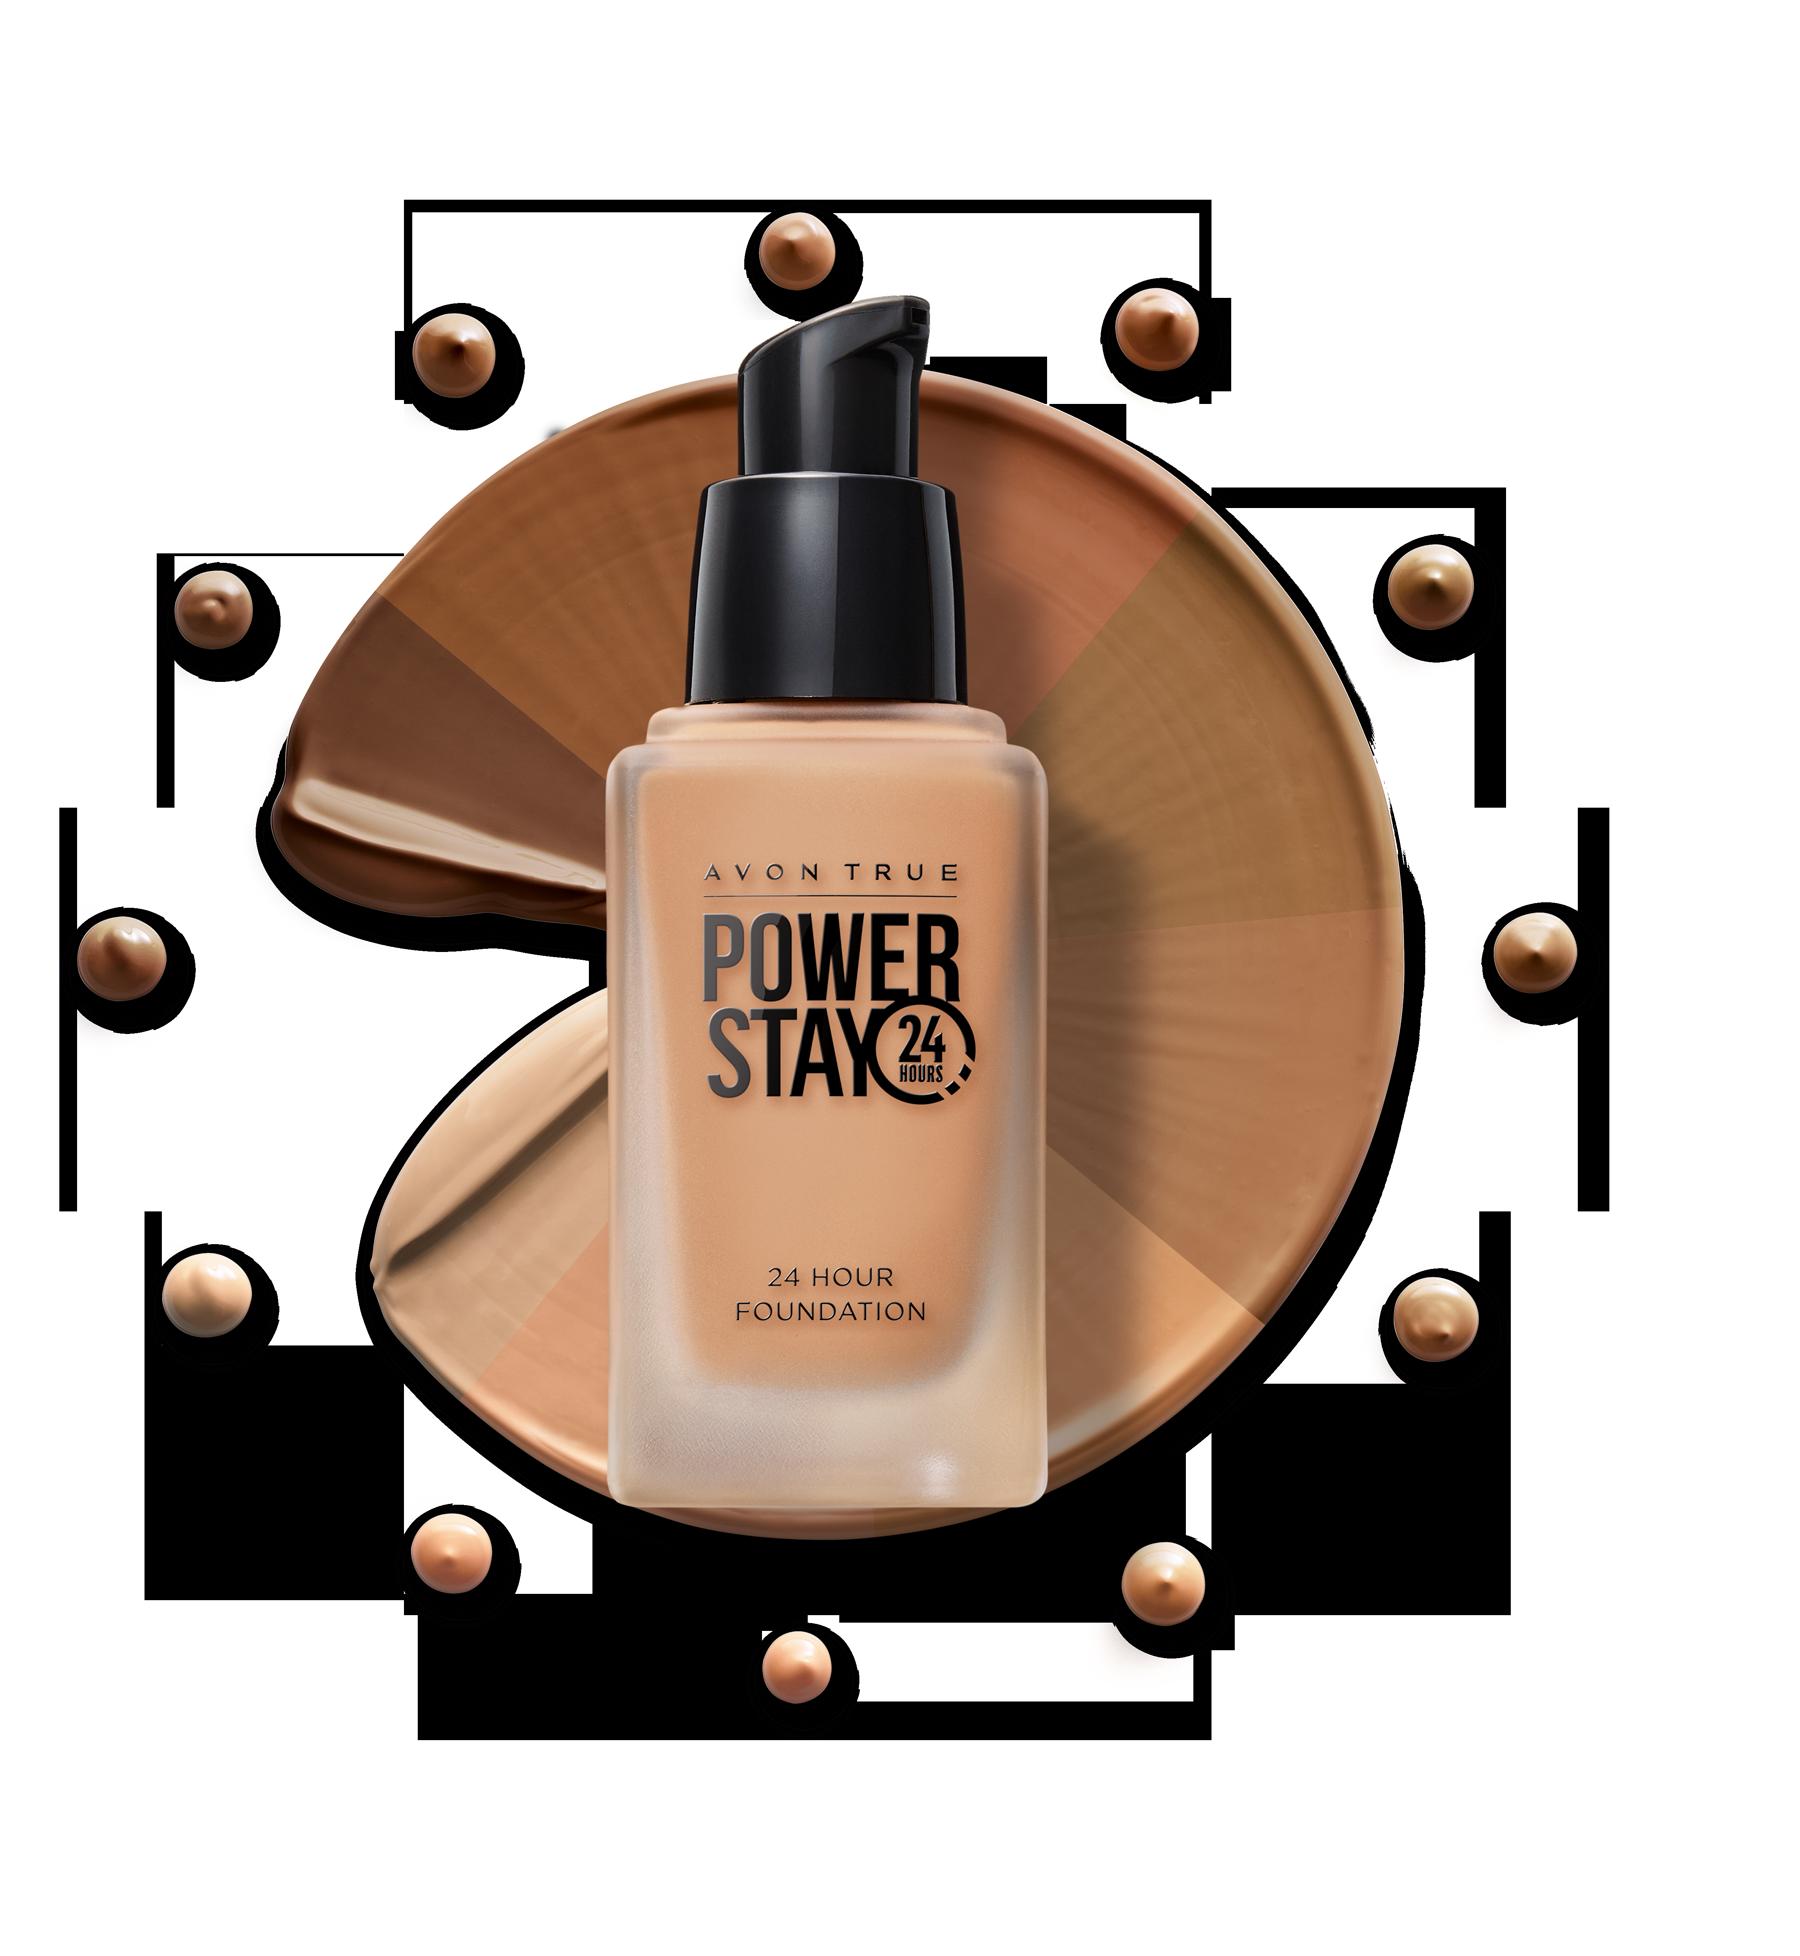 Power Stay tečni puder 799 din 1 Makeup kolekcija otporna na sve – od svitanja do sumraka